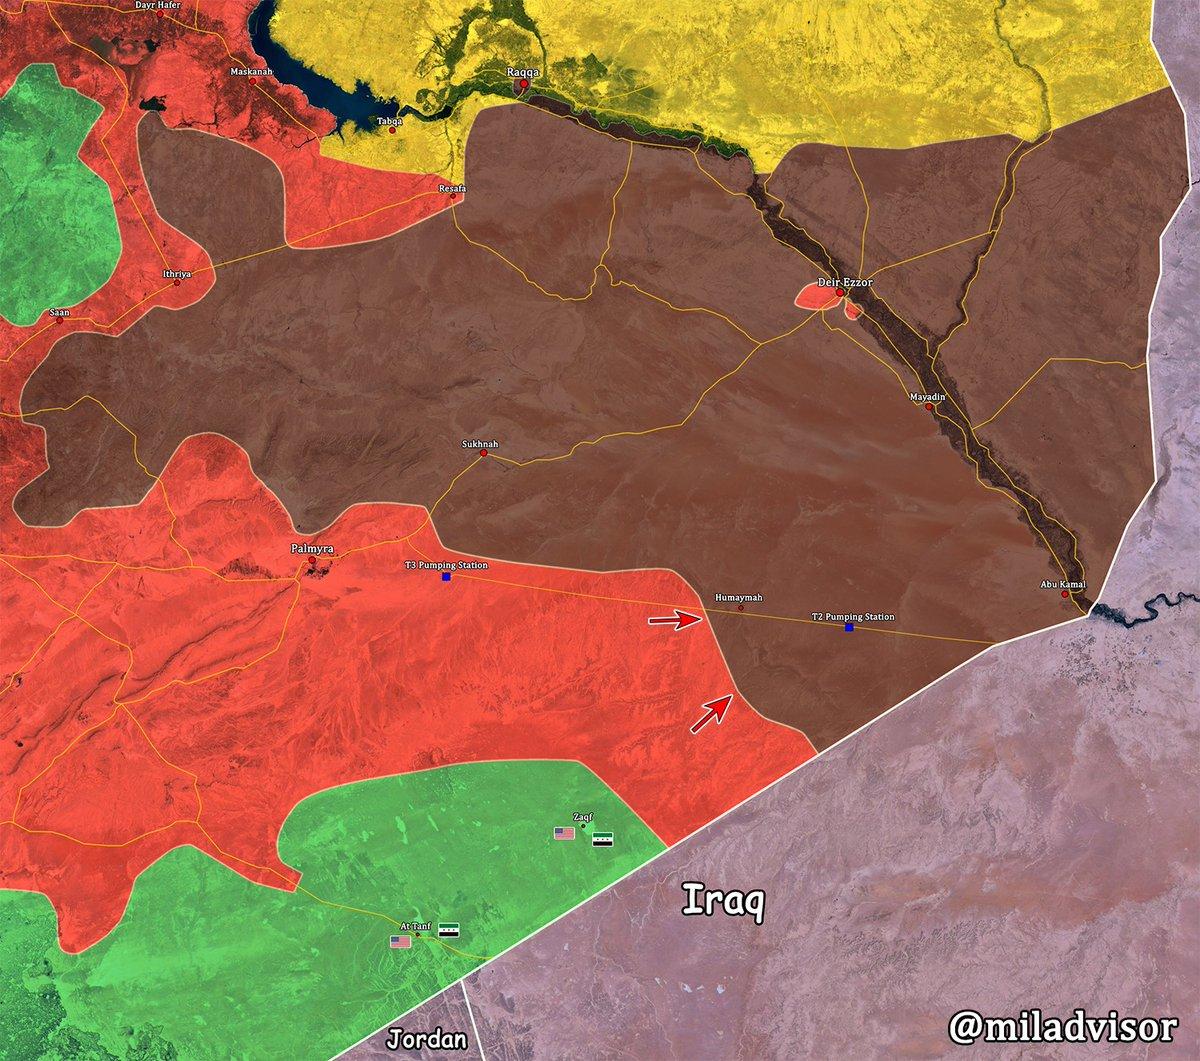 Φλέγεται η Deir Ezzor: Σαρωτικοί βομβαρδισμοί με τον συριακό Στρατό σε απόσταση αναπνοής από την πόλη και τους «Αλιγάτορες» ασταμάτητους (βίντεο, εικόνες) - Εικόνα3